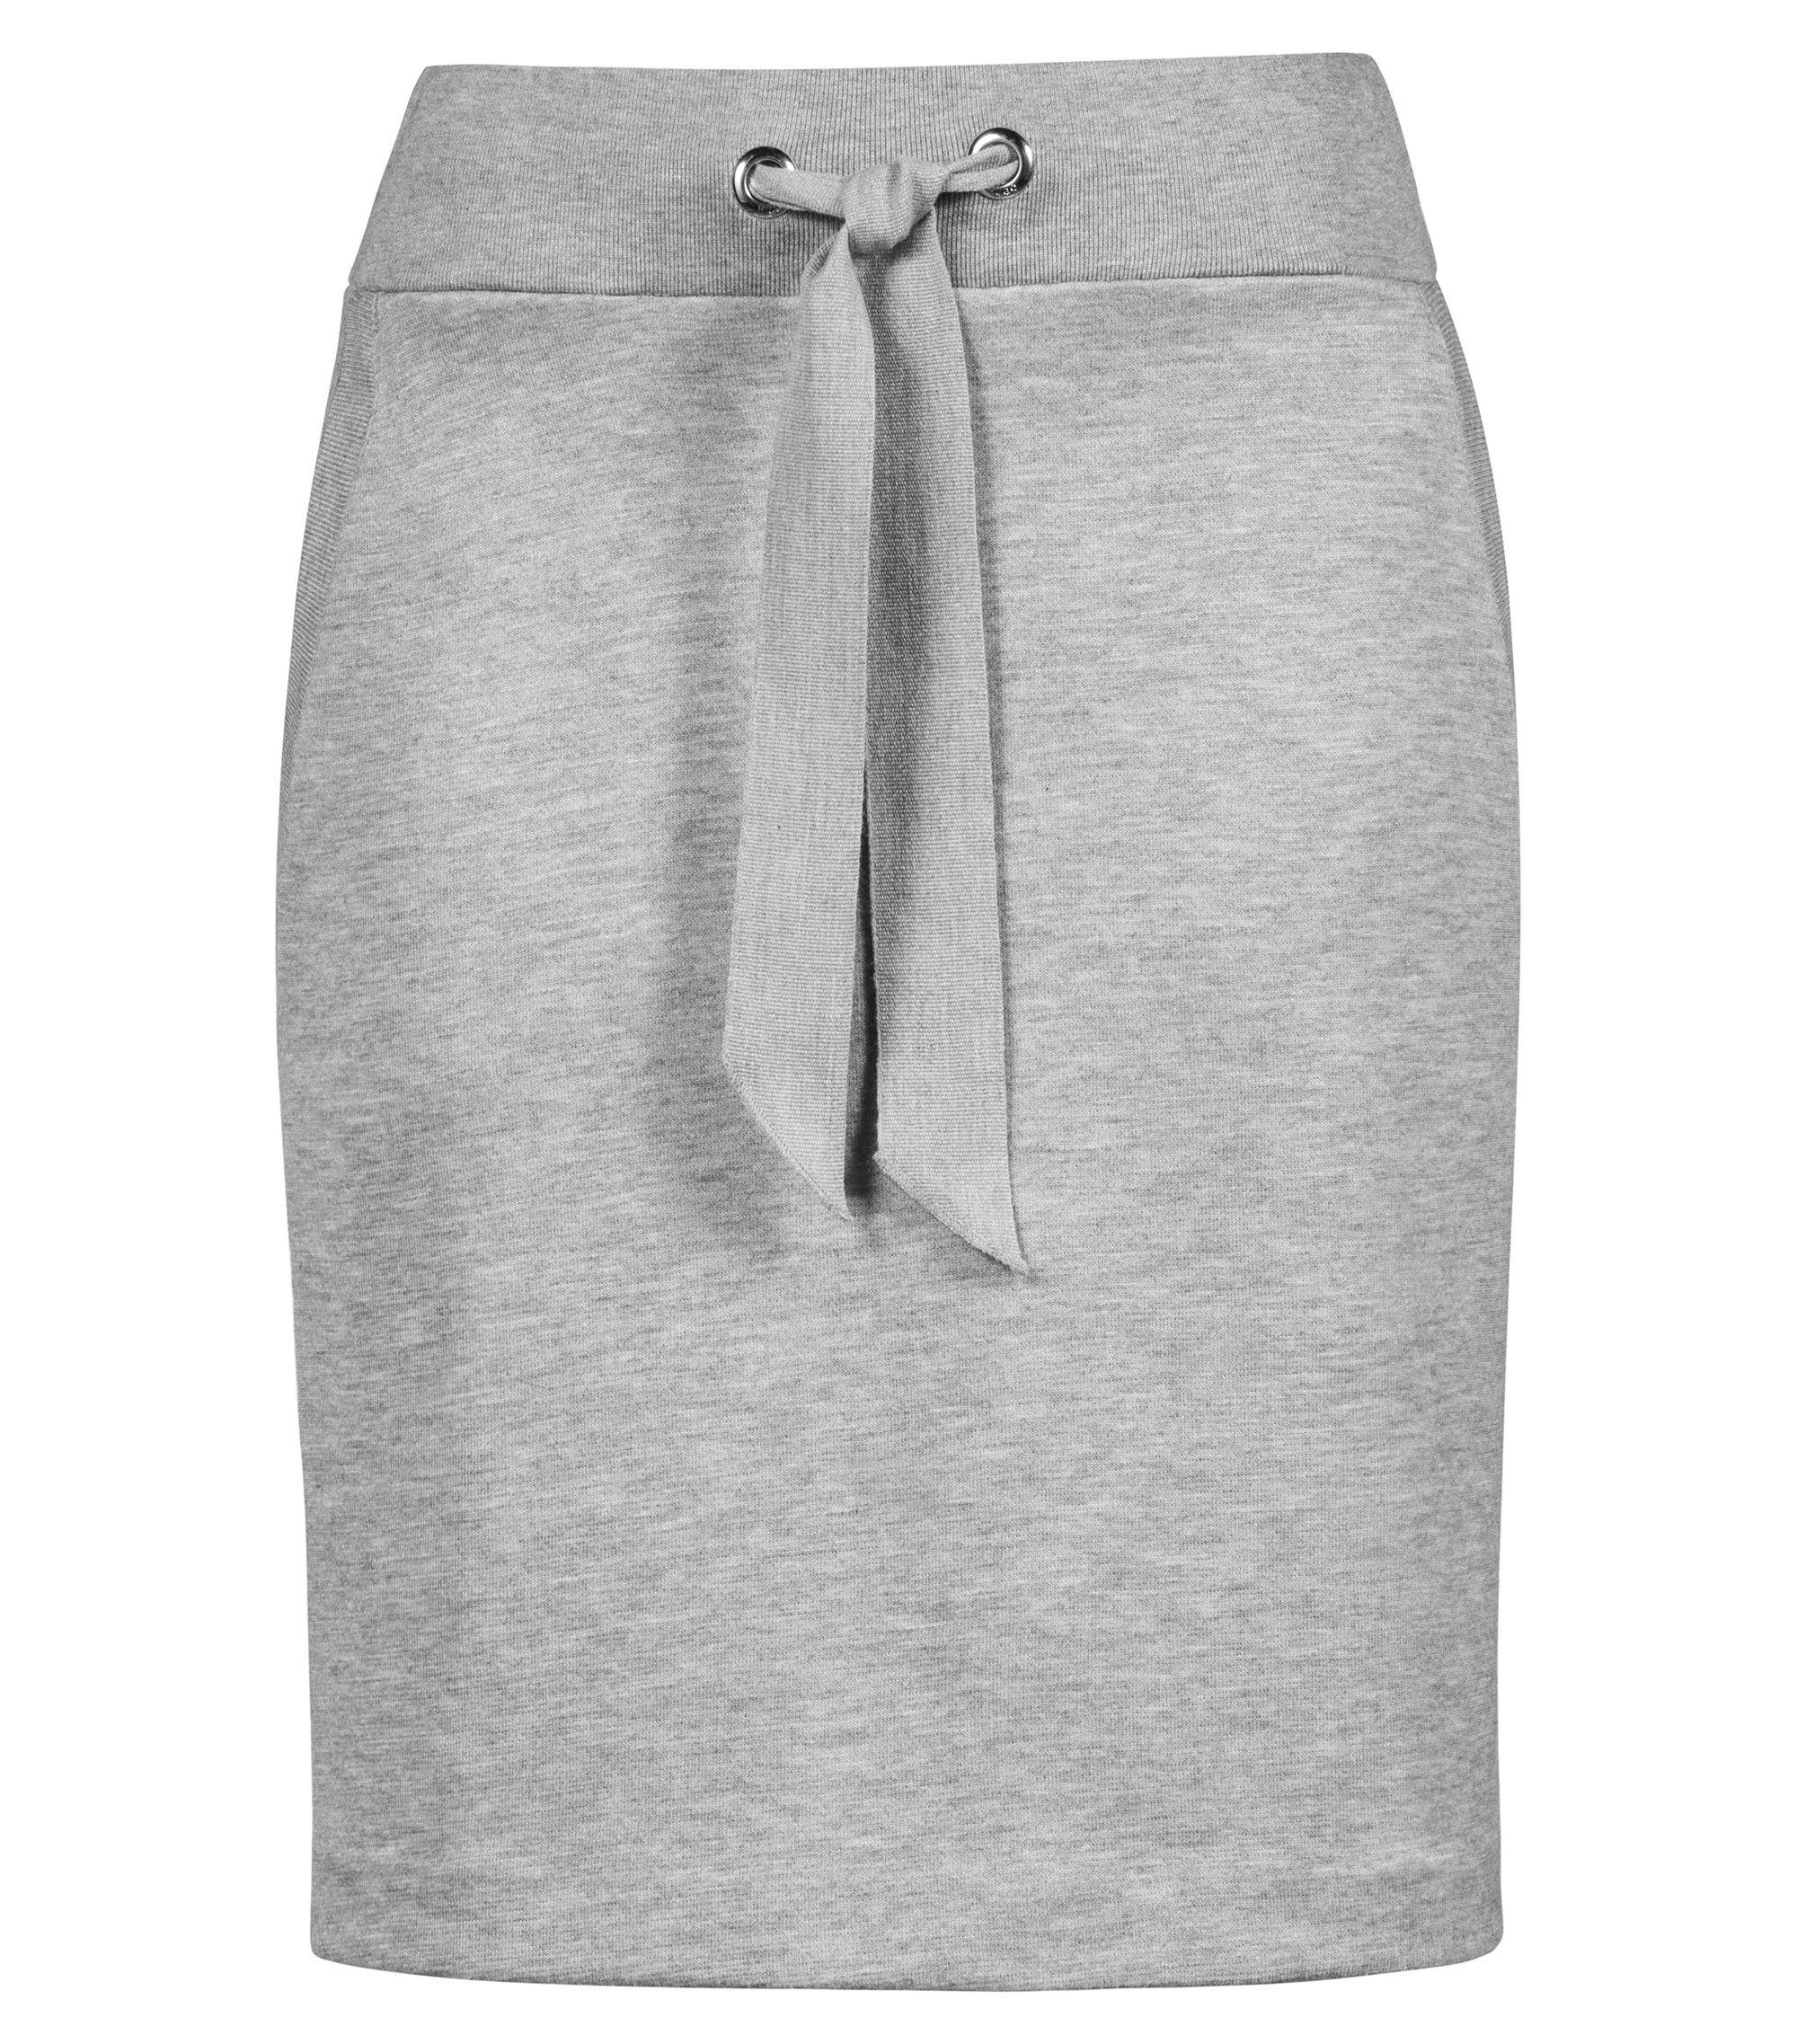 Minigonna in jersey con cintura in vita e occhielli in metallo, Grigio